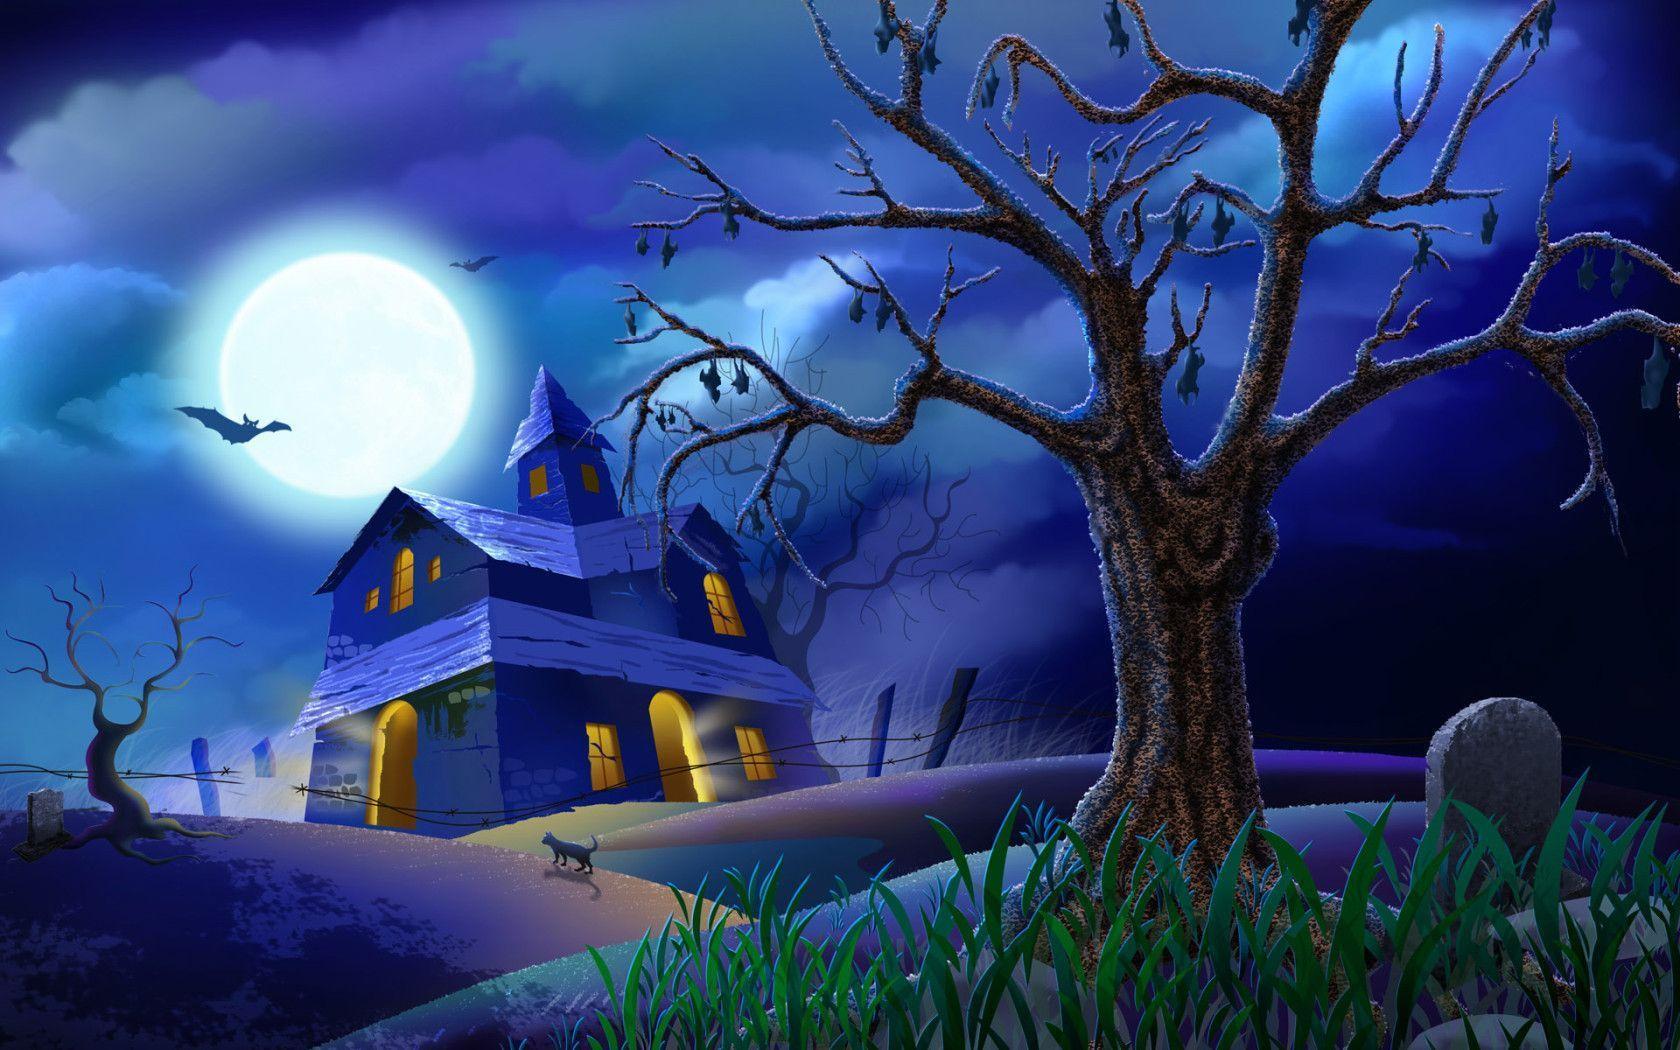 Free Halloween Desktop Backgrounds - Wallpaper Cave